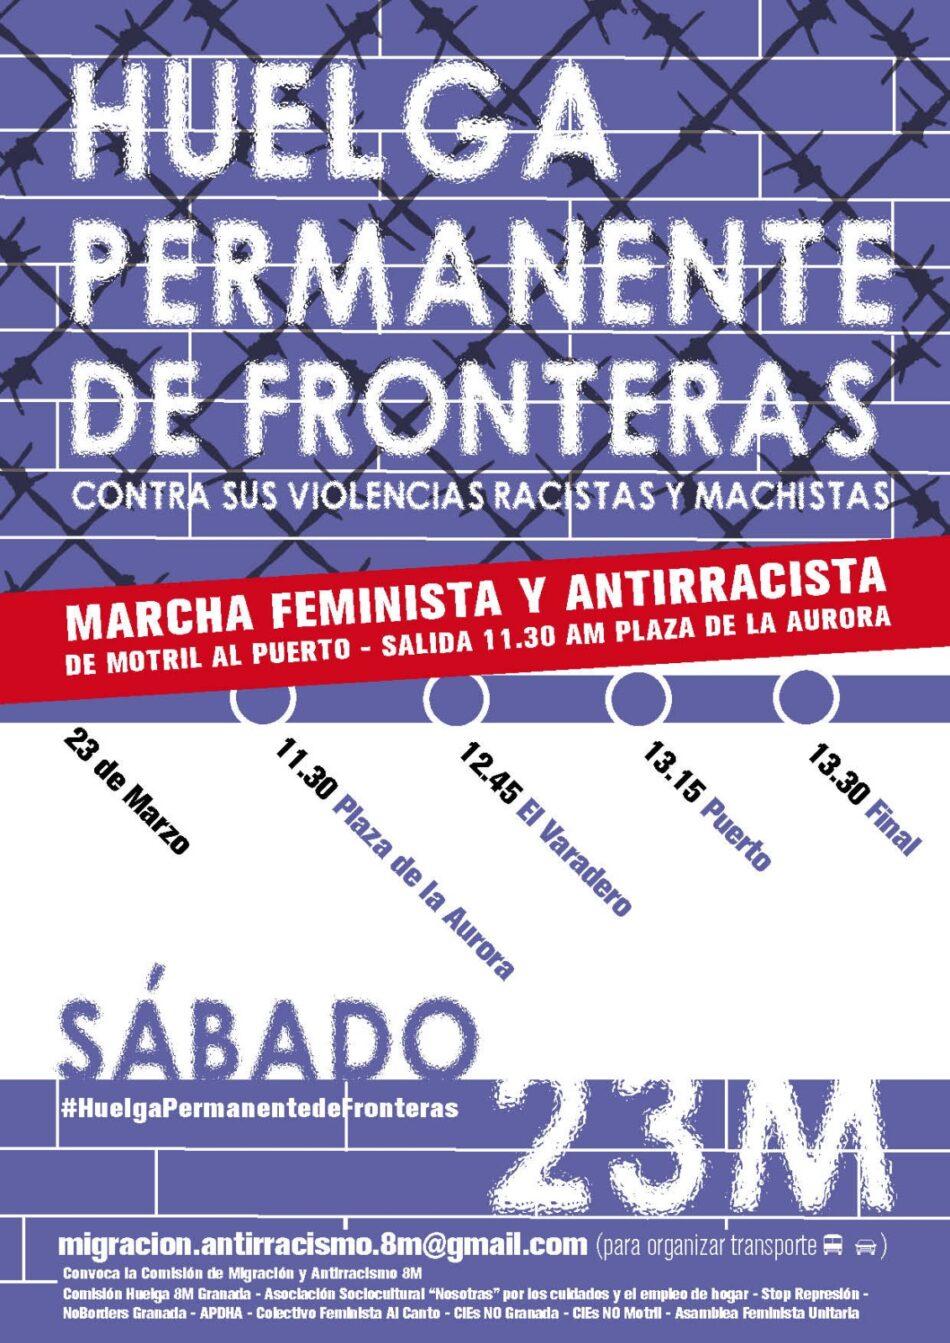 La Comisión Migración y Antirracismo 8M y colectivos feministas y antirracistas convocan una manifestación en Motril contra las violaciones de derechos que se producen en la Frontera Sur